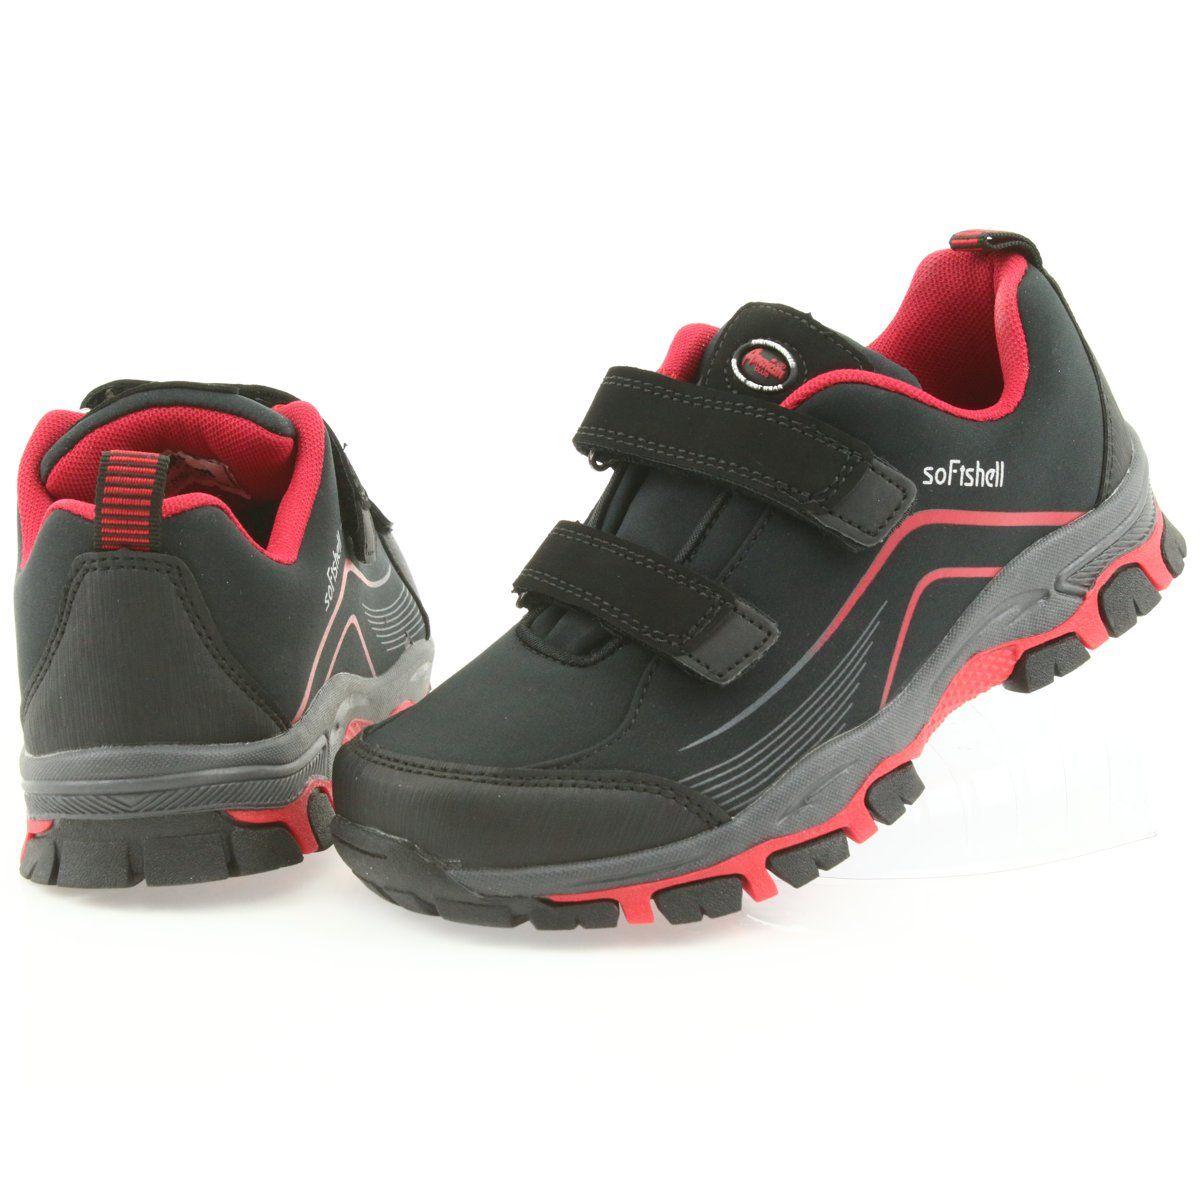 Adi Sportowe Buty Dzieciece Softshell American Club Wt09 19 Czarne Czerwone Kid Shoes Shoes World Shoes